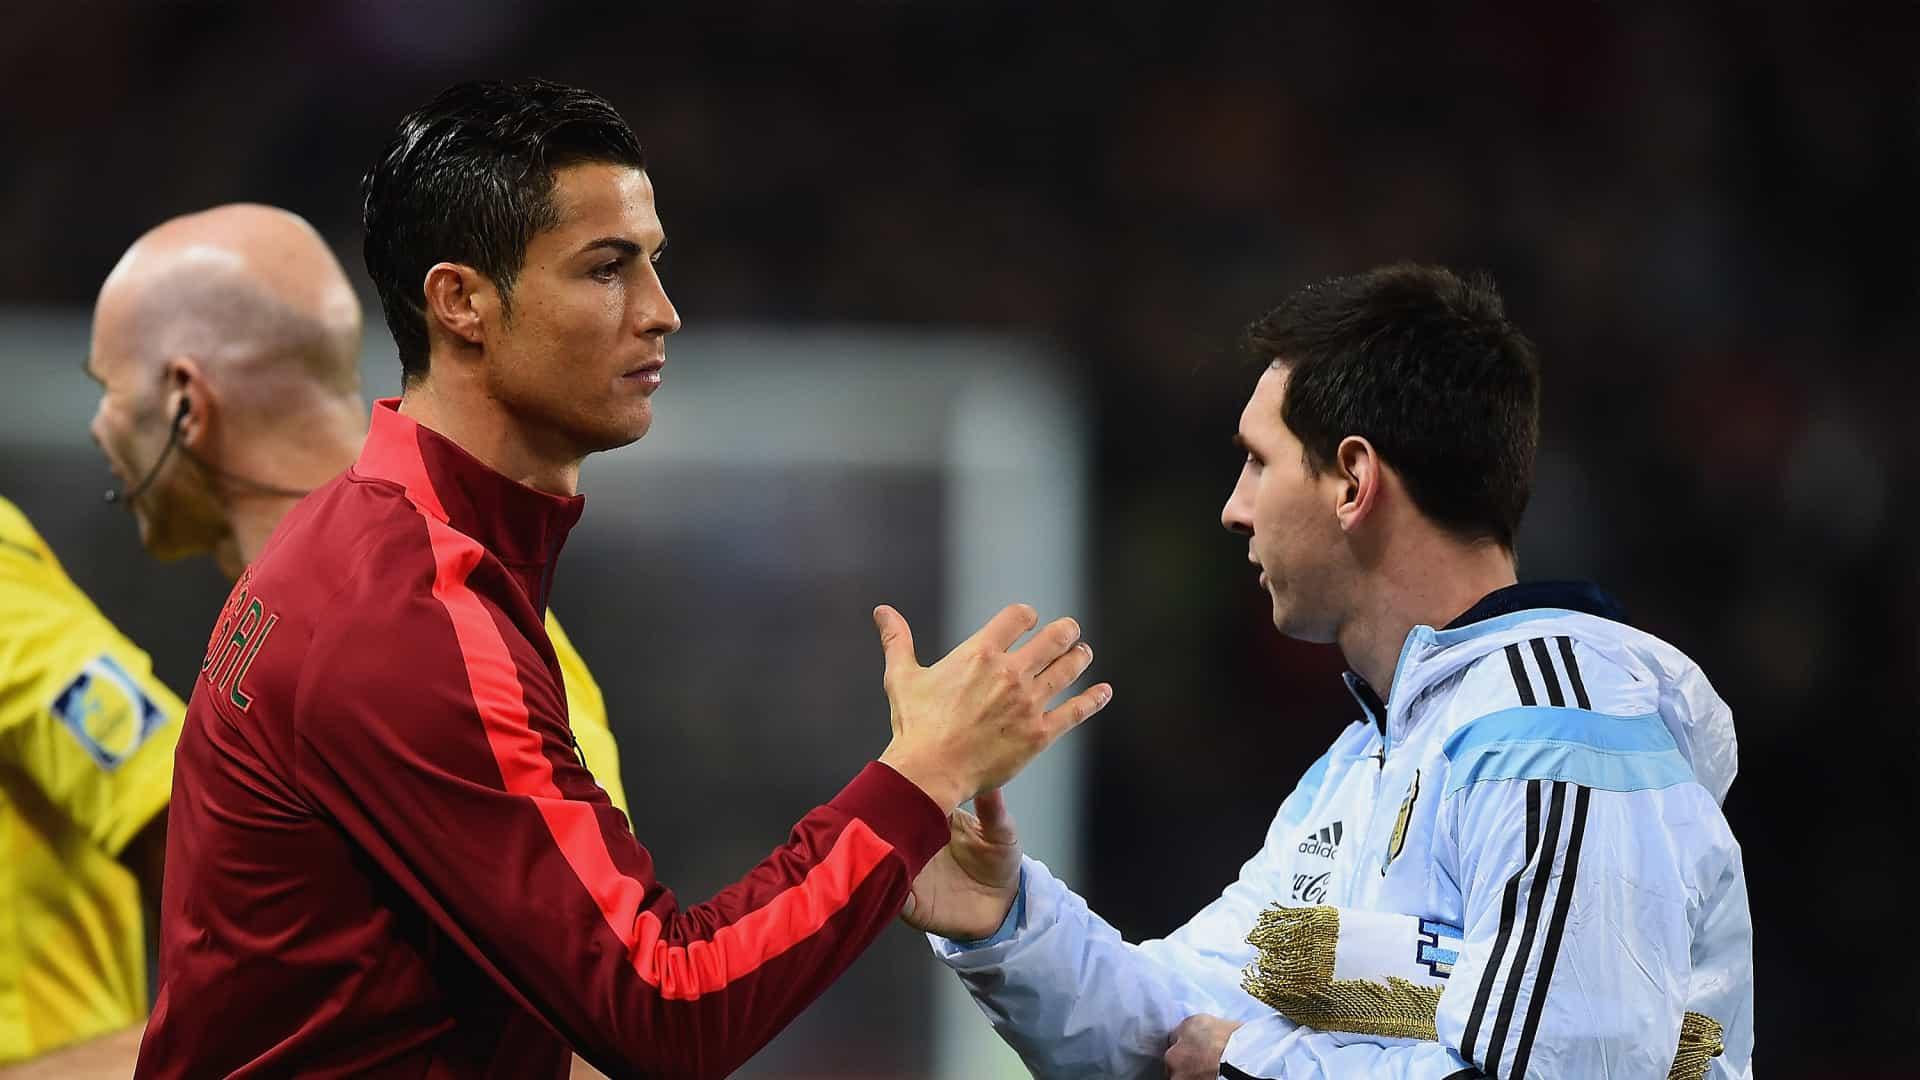 messi diz ter saudades de medir forças com cristiano ronaldo - CR7 e Messi - Messi diz ter saudades de medir forças com Cristiano Ronaldo